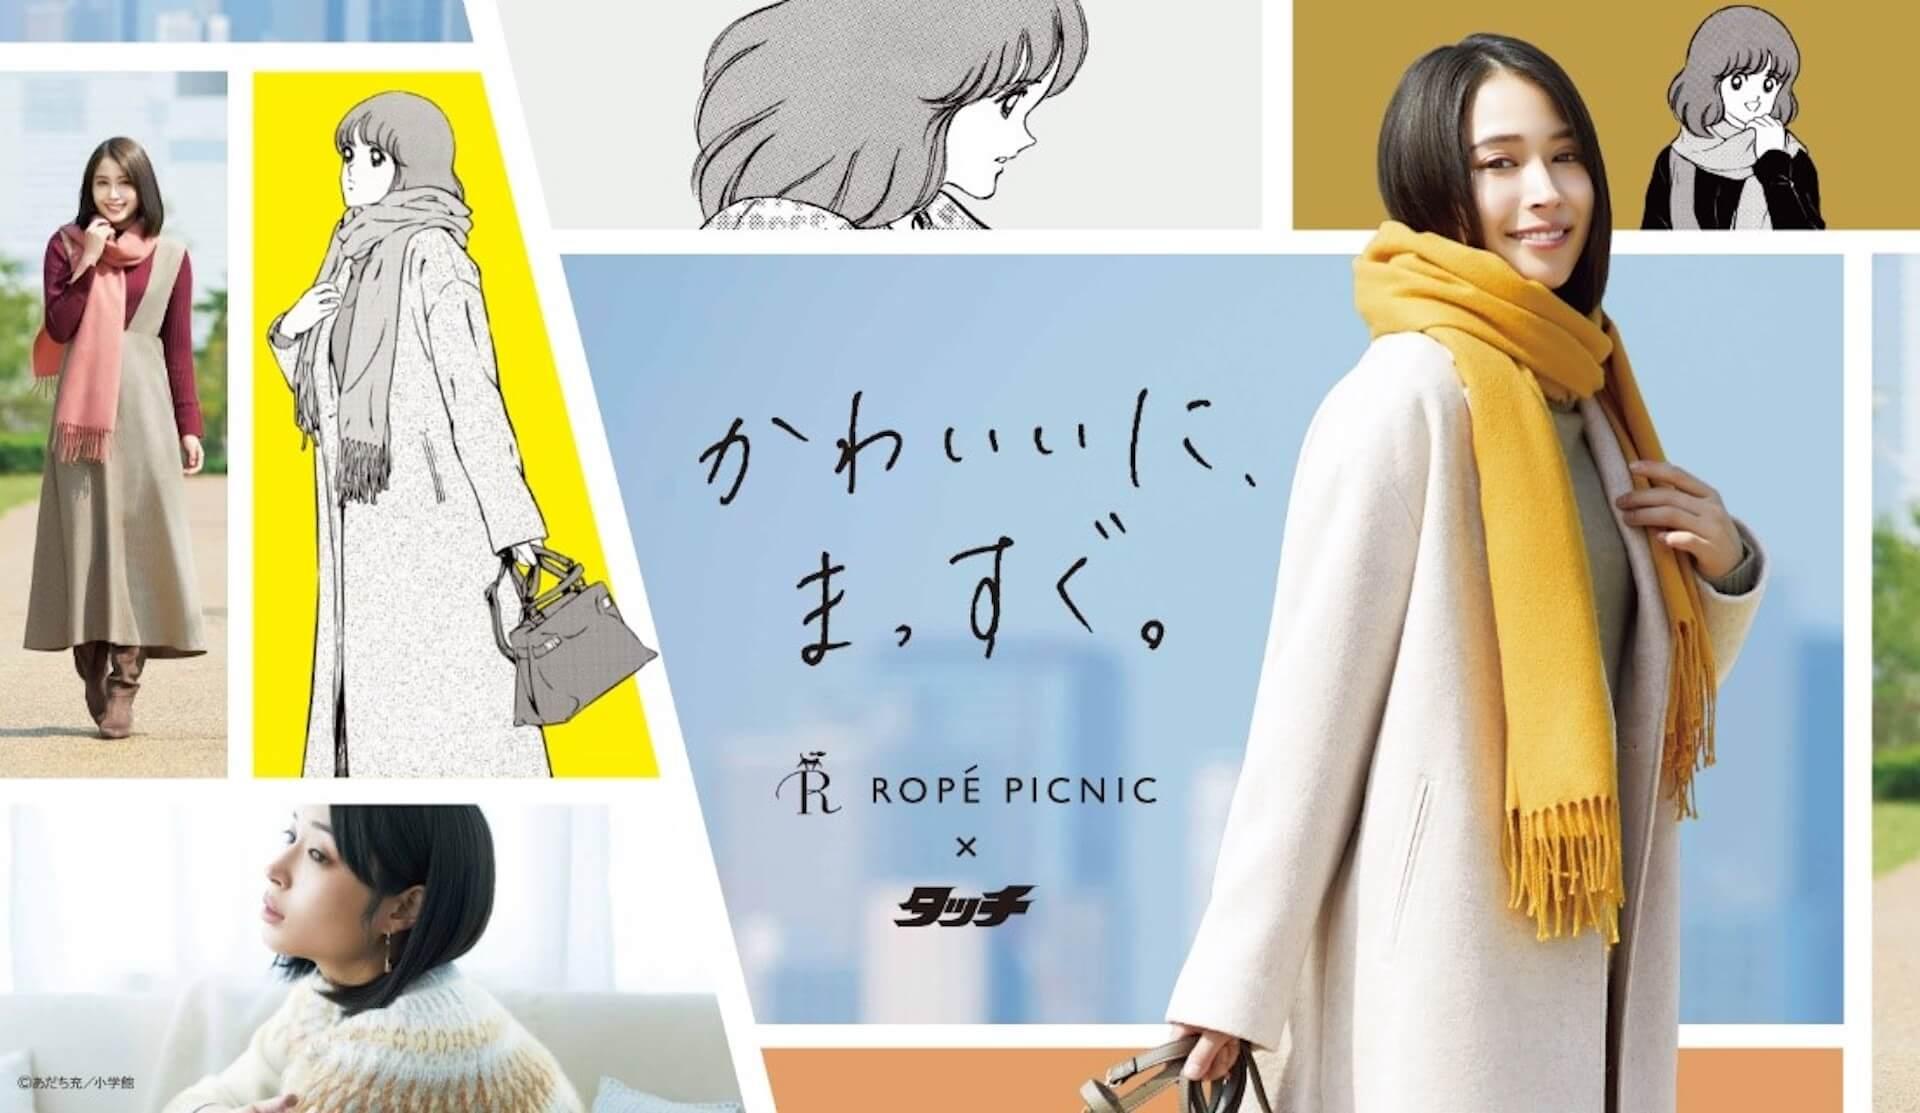 広瀬アリスが「タッチ」南ちゃんに!インタビューでは「かわいいにまっすぐ」なことについて語る life-fashion191125-ropepicnic-hirosealice-9